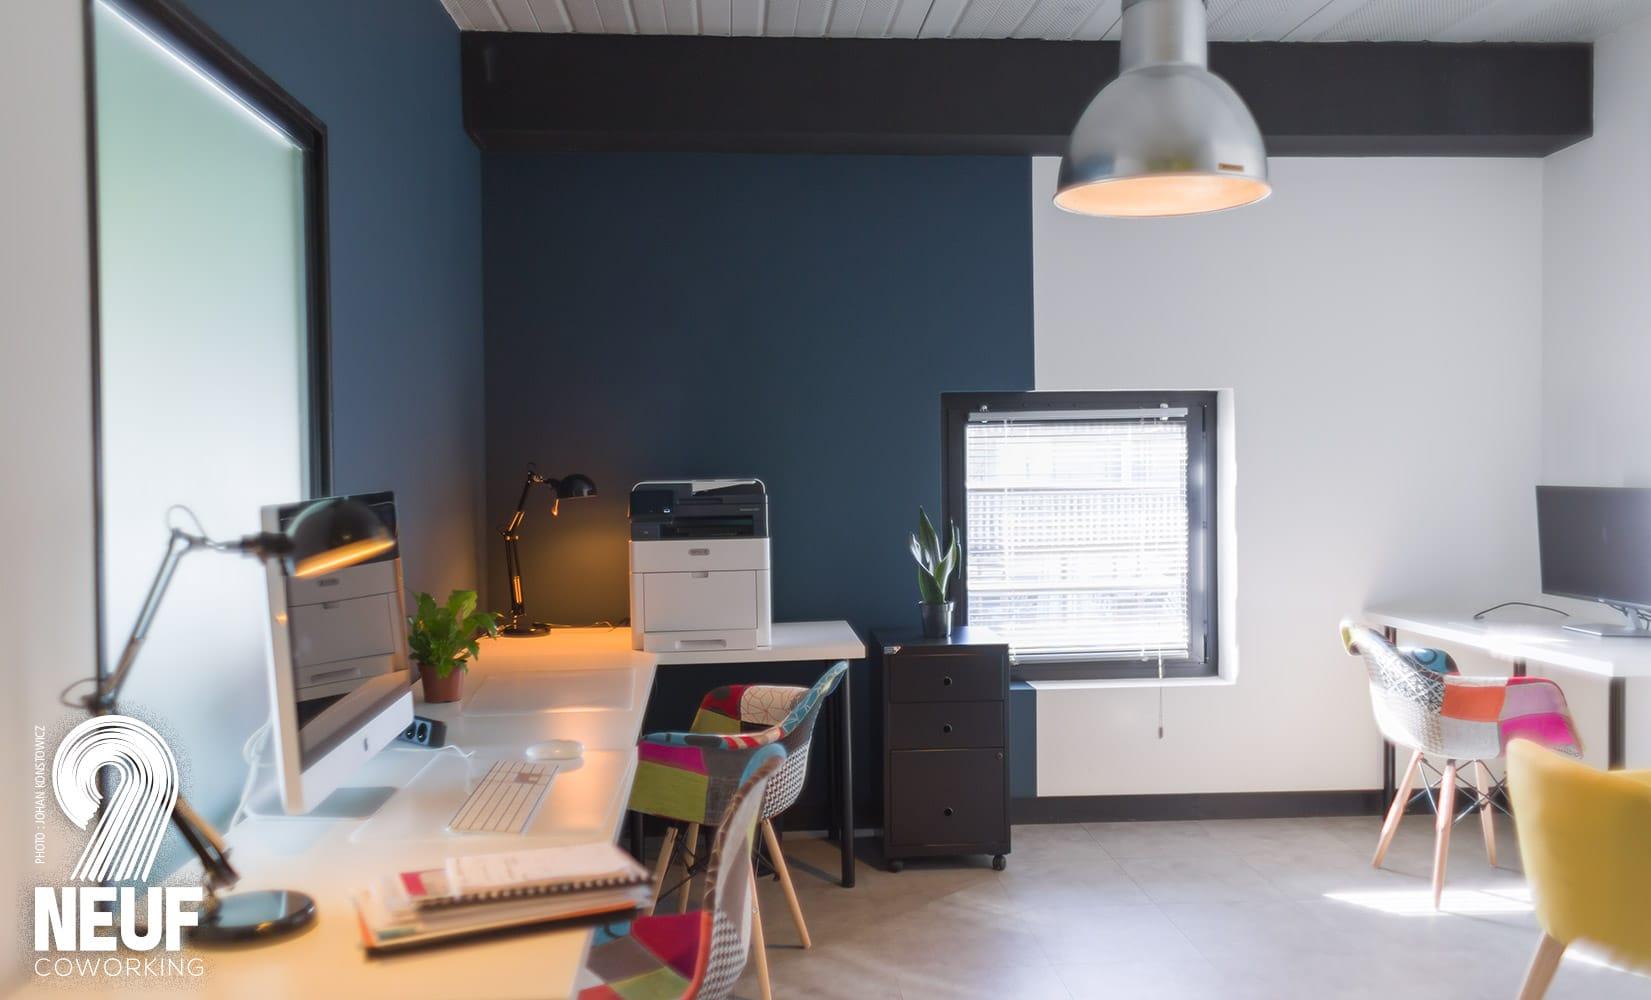 Le Coworking : un concept en plein essor